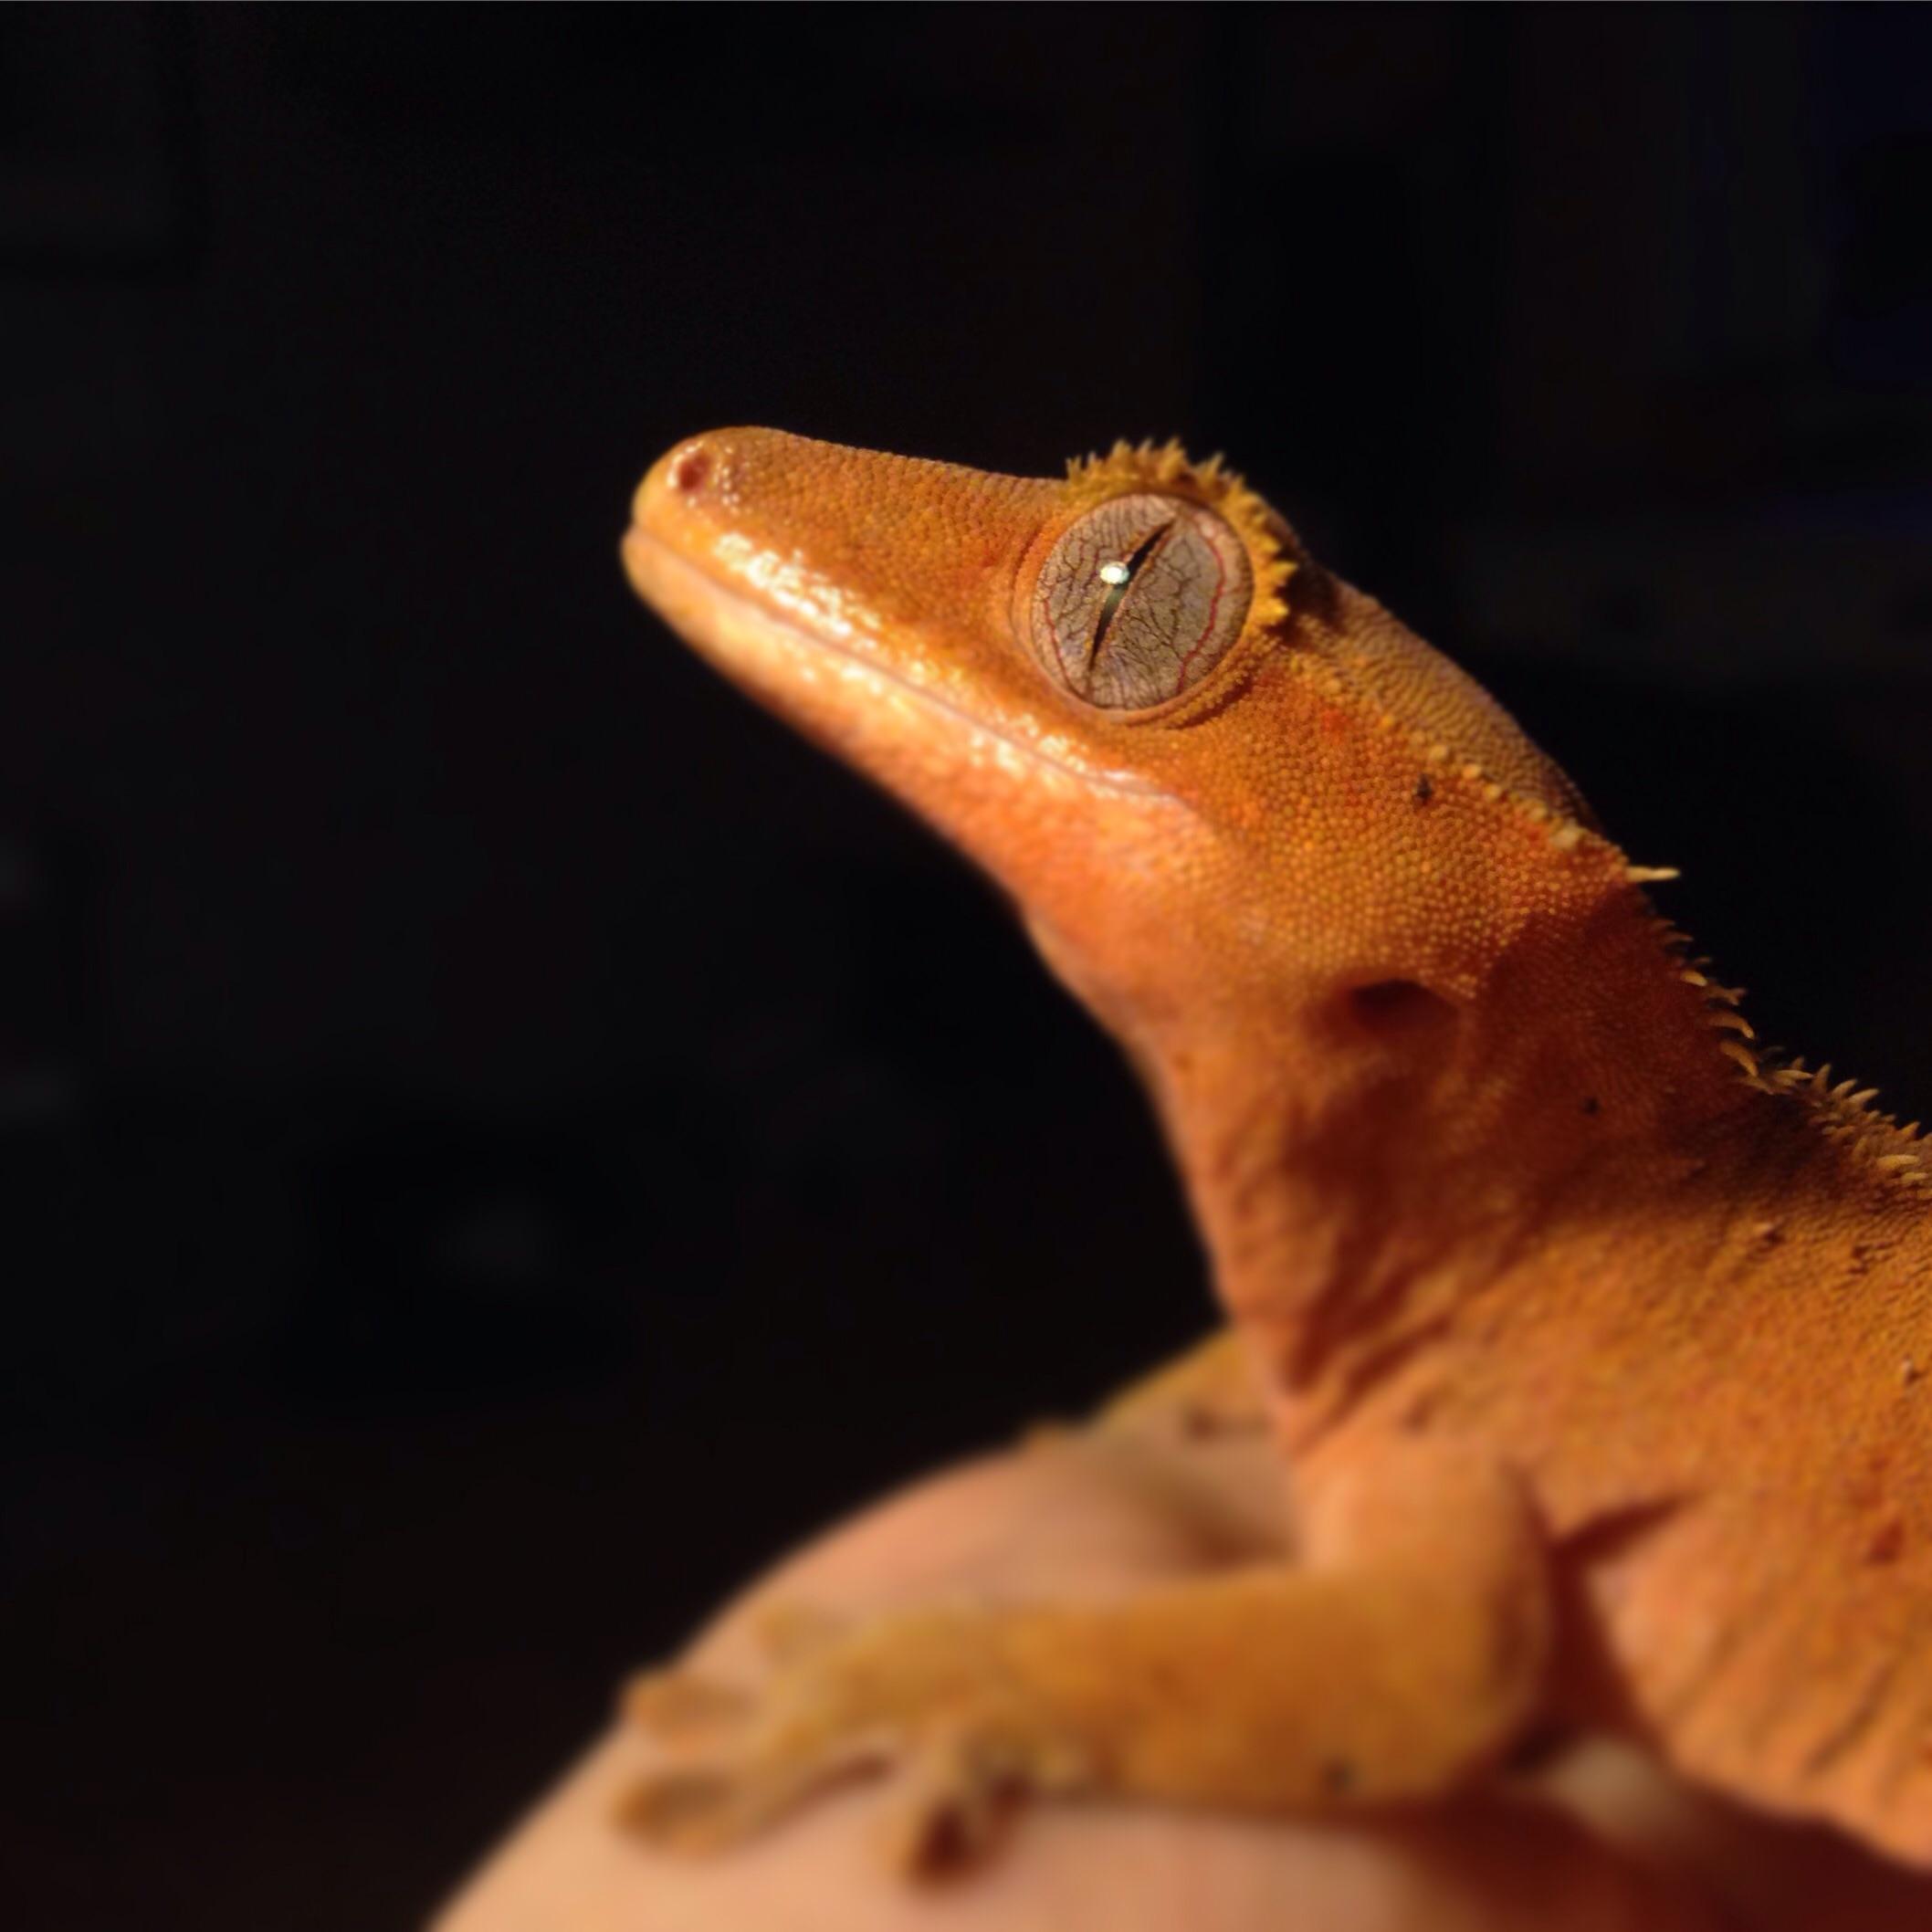 Bildresultat för ögonfransgecko som äter dubia